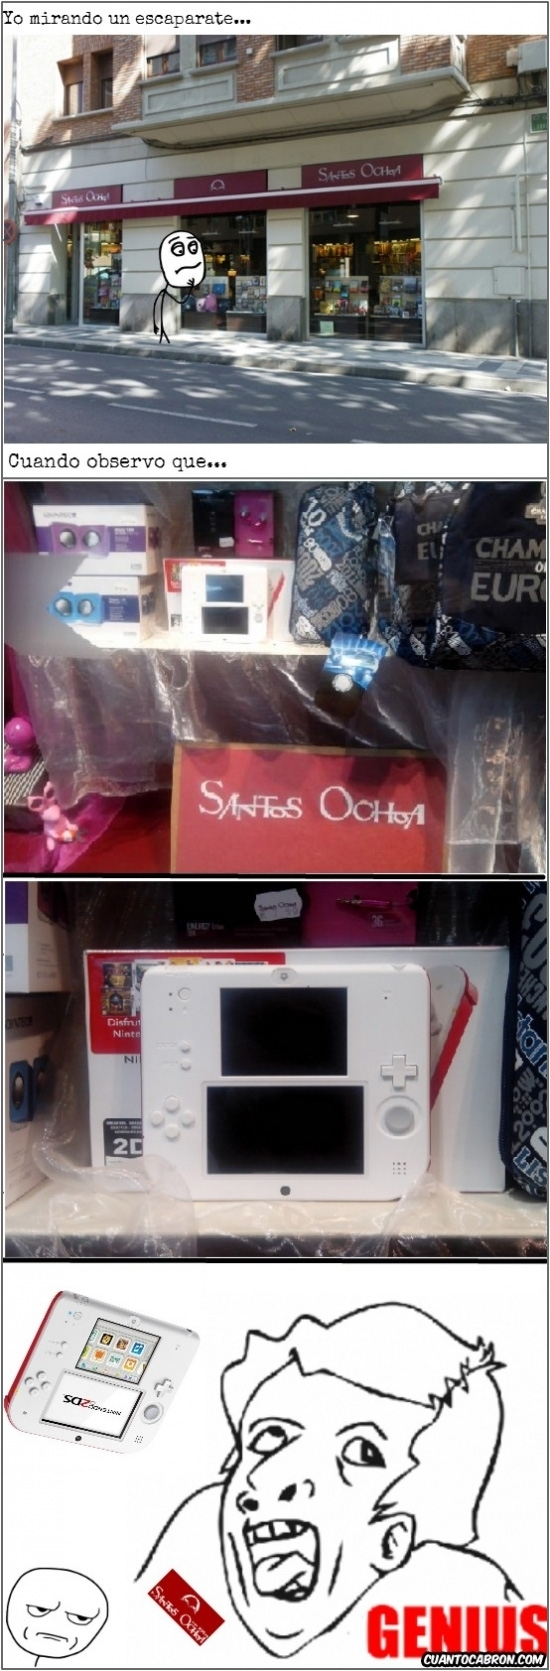 Kidding_me - Se nota que en esta tienda son expertos en electrónica y videojuegos